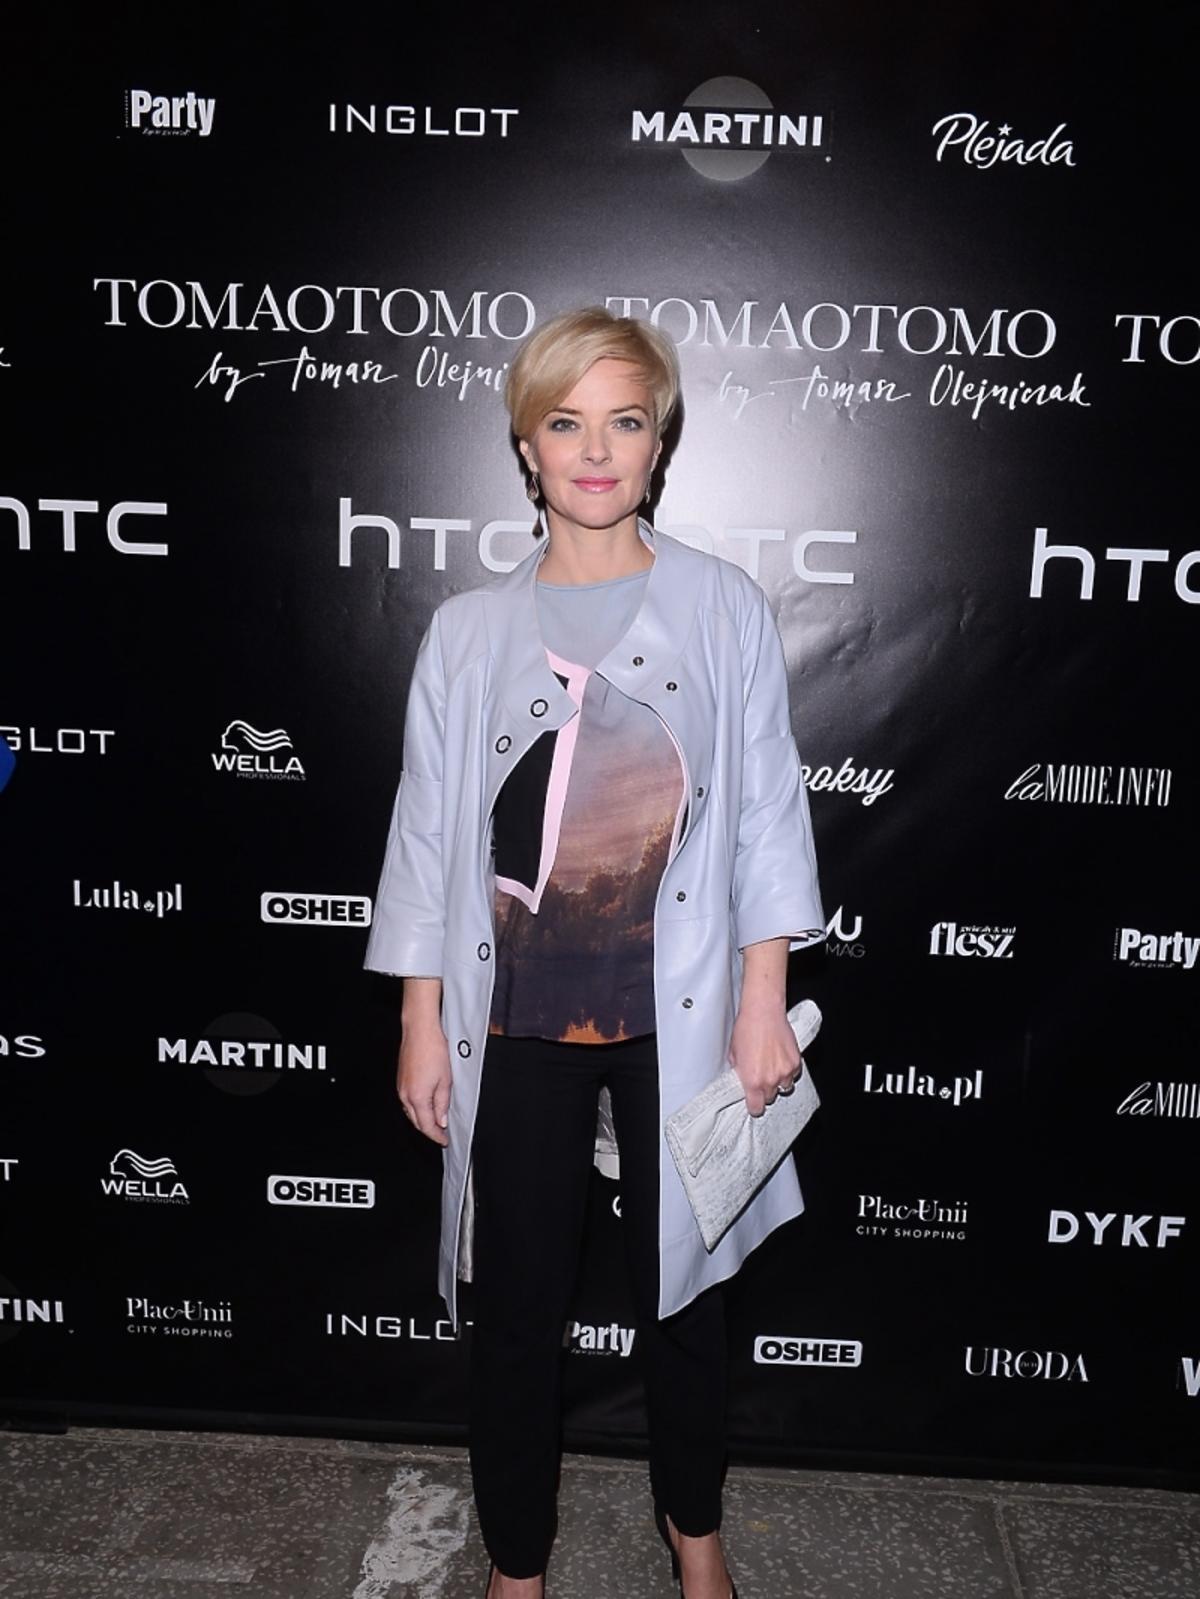 Monika Zamachowska na pokazie Tomaotomo